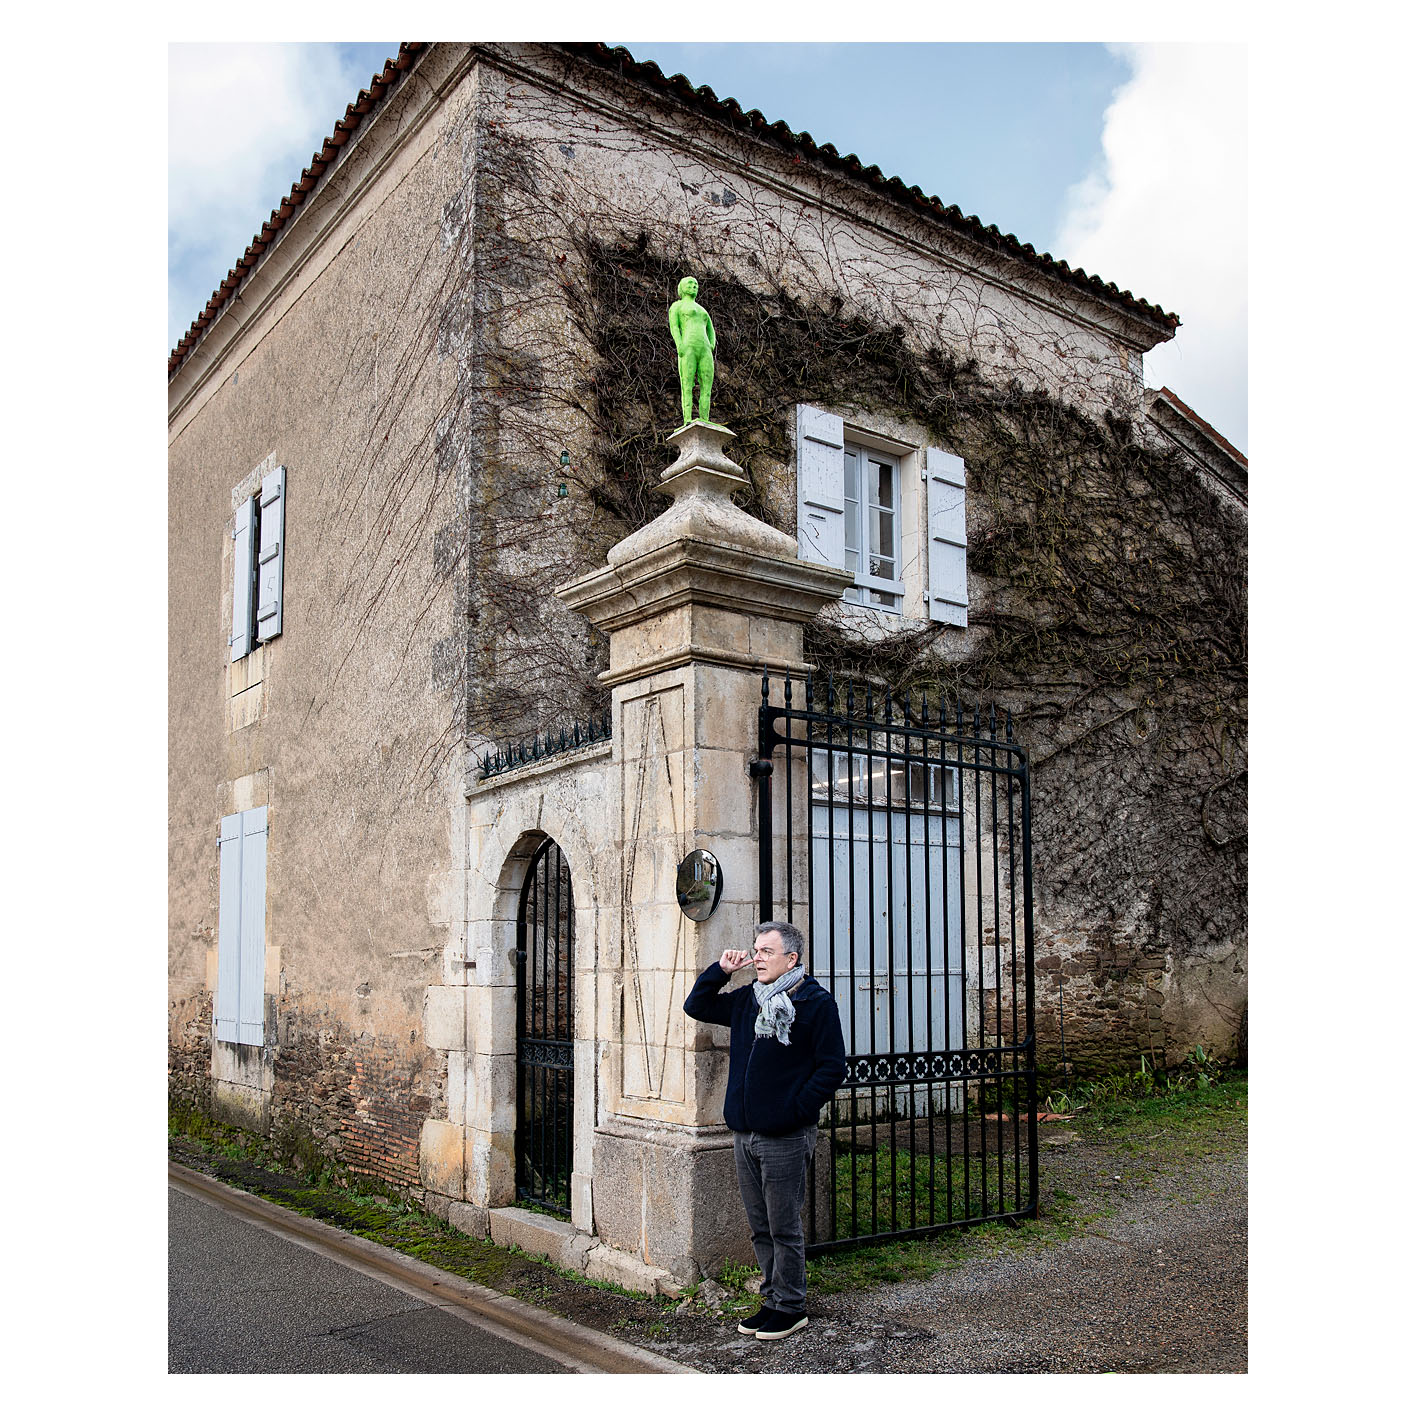 Fabrice Hyber à l'entrée de sa propriété de Mareuil sur Lay Dissais, Vendée. De chaque côté du portail trône un homme de Bessines.